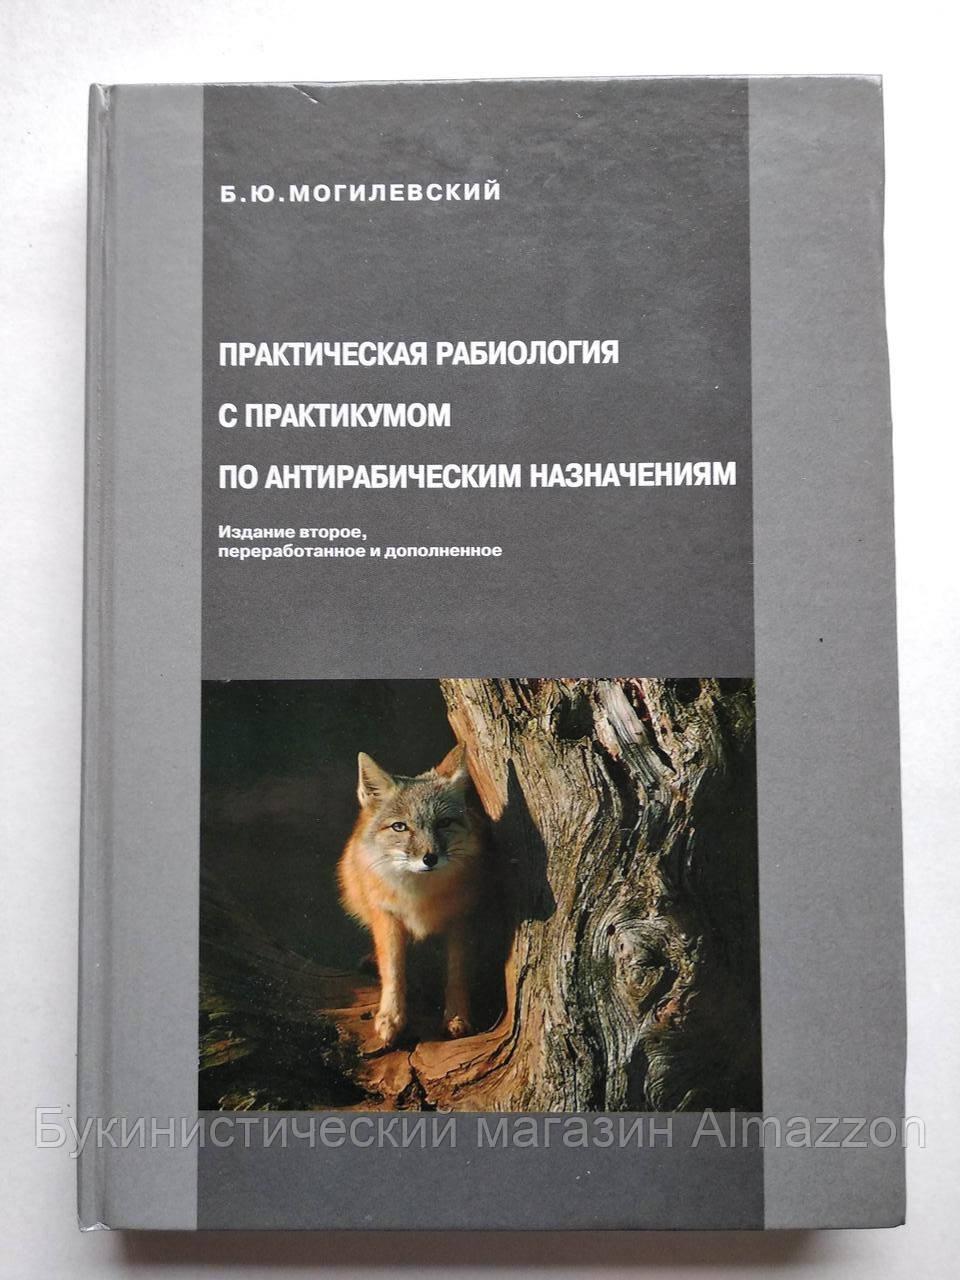 Практическая рабиология с практикумом по антирабическим назначениям Б.Ю.Могилевский